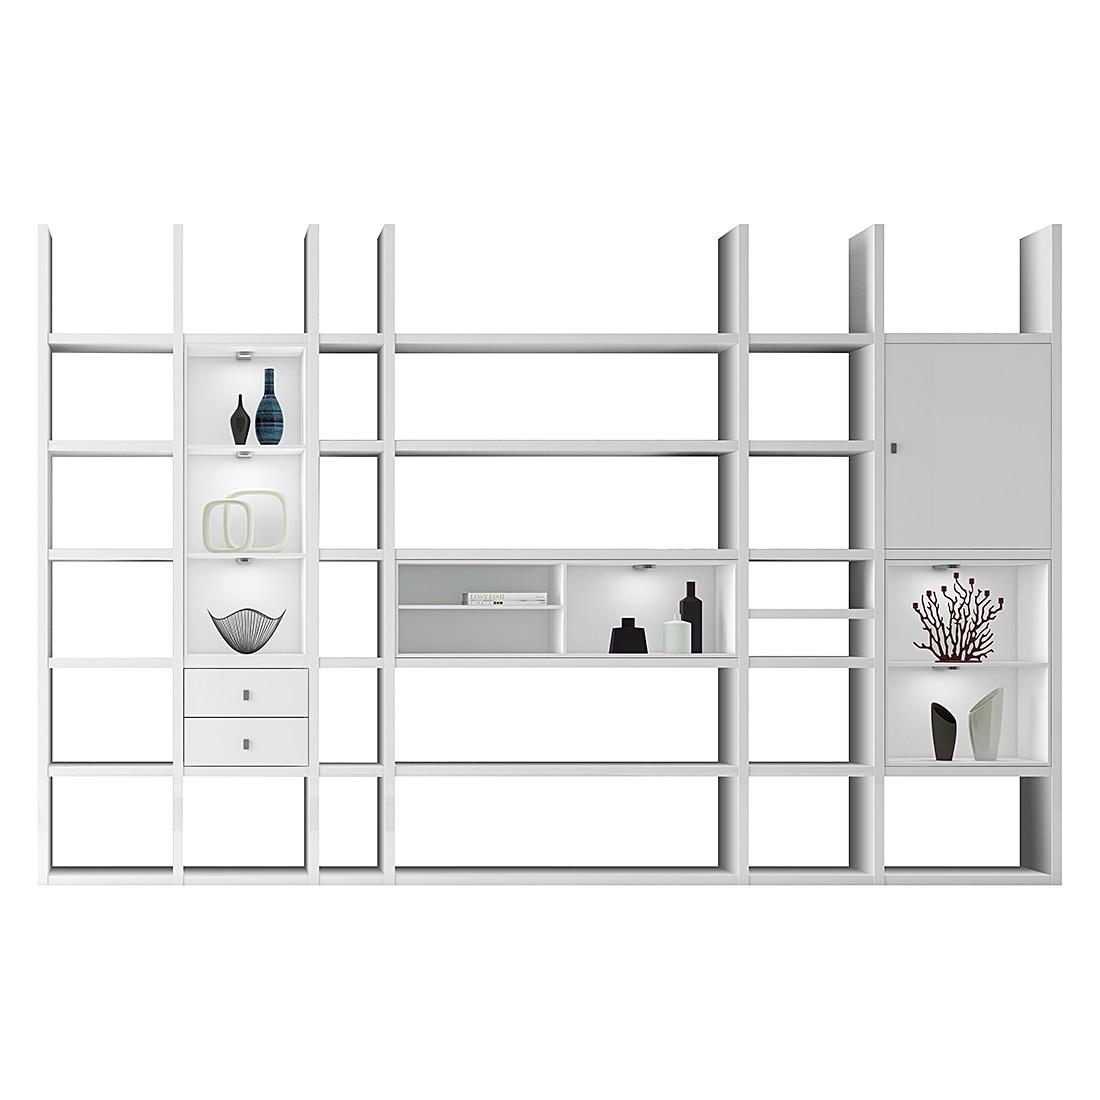 XXL Regalwand Emporior V.A – Hochglanz Weiß Mit Beleuchtung, loftscape jetzt kaufen